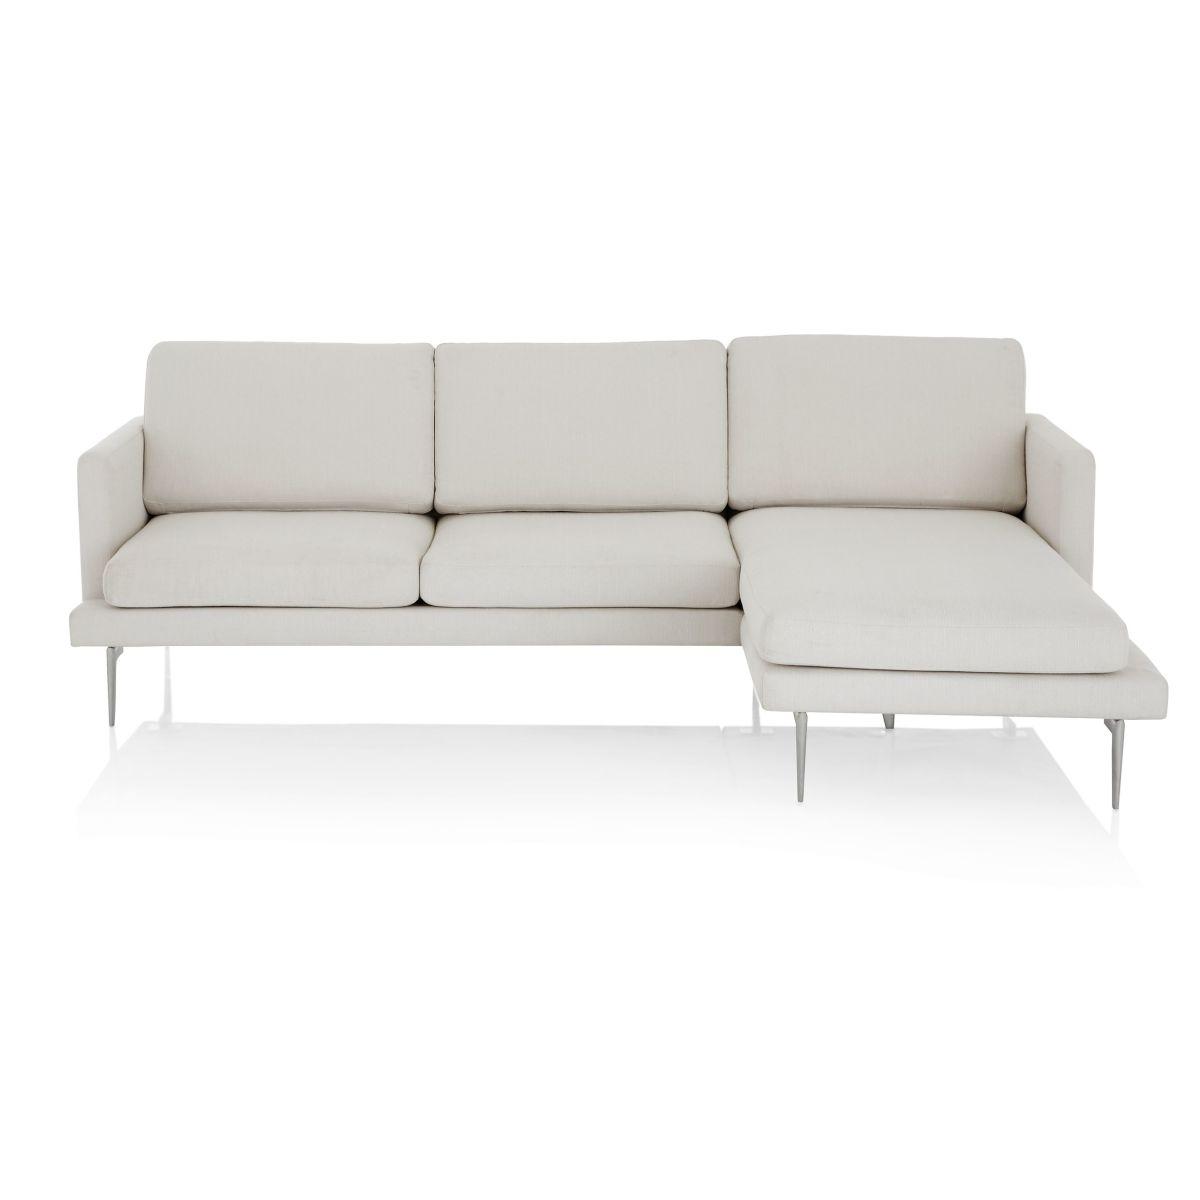 produkte aus sofas impressionen meine wunschliste. Black Bedroom Furniture Sets. Home Design Ideas